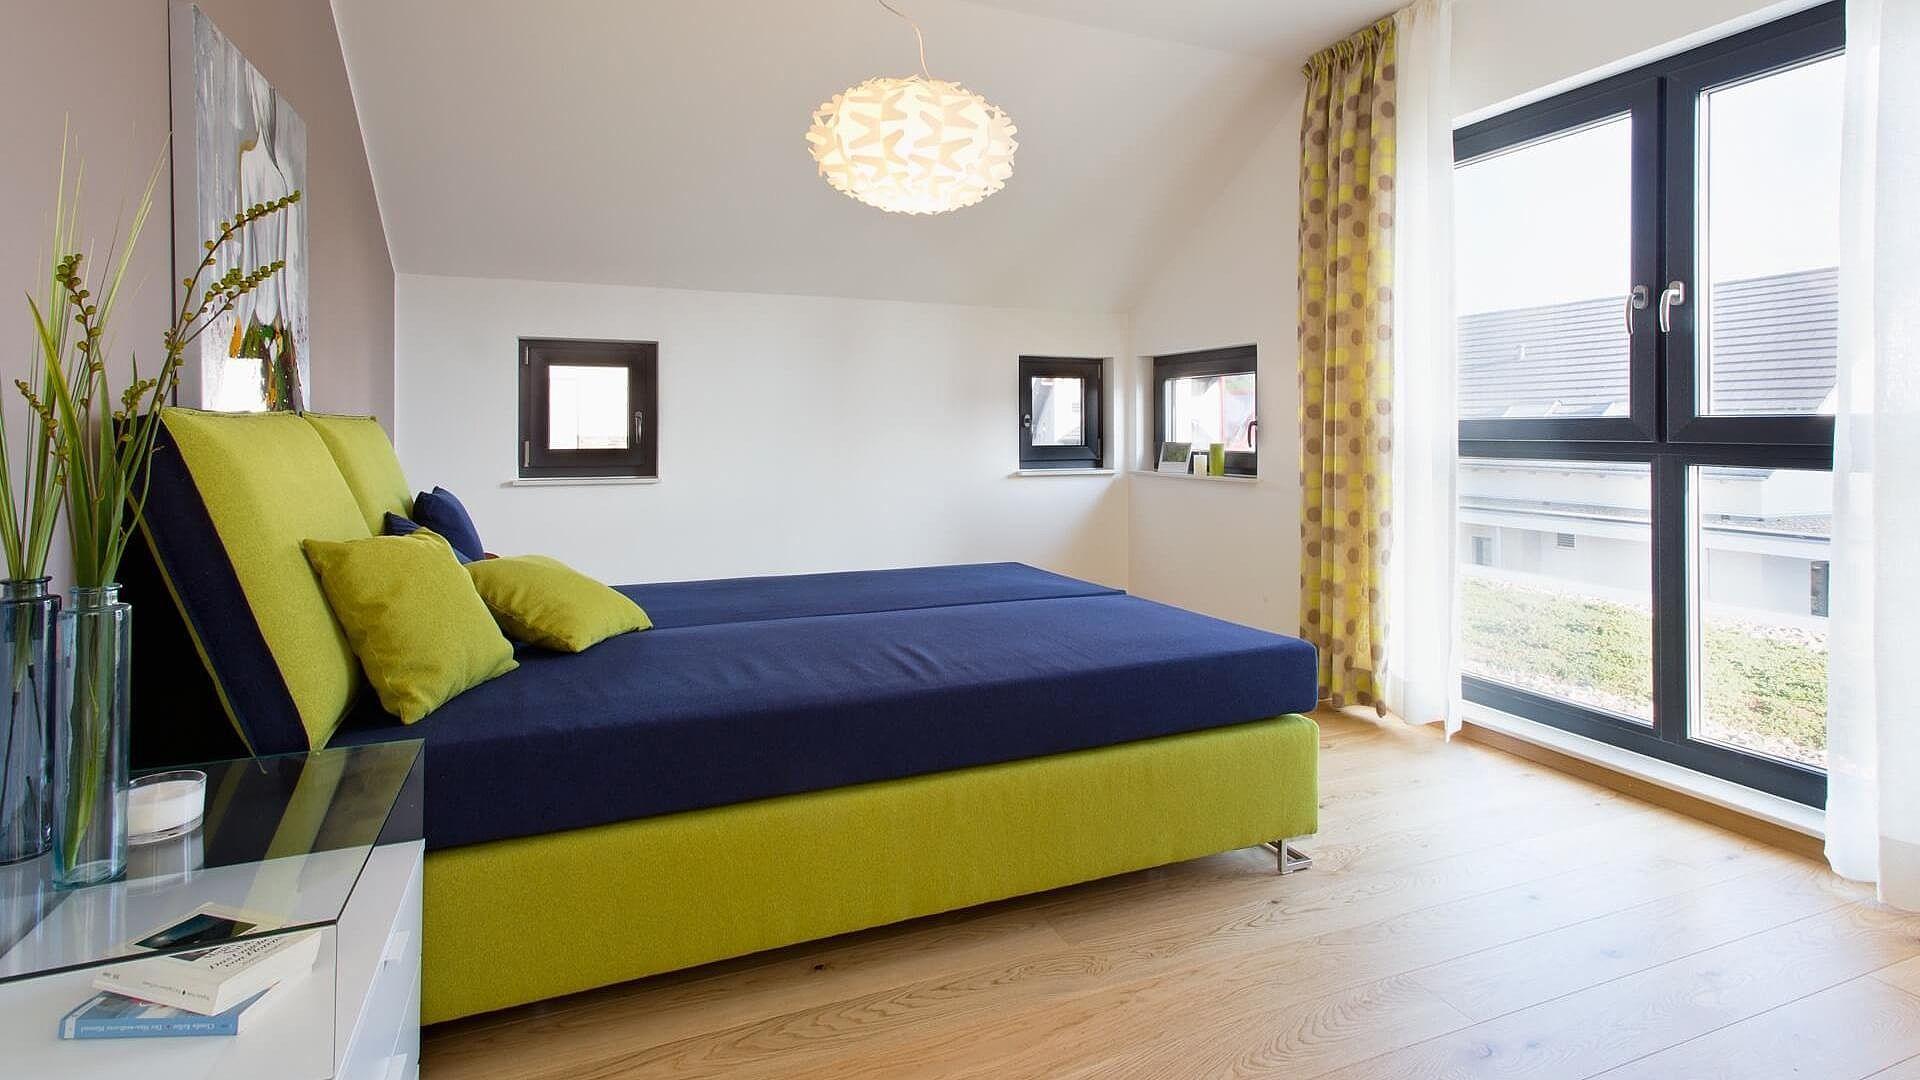 Fußboden Schlafzimmer Quest ~ Schlafzimmer braune wand brauner boden grün blaues bett bodentiefe